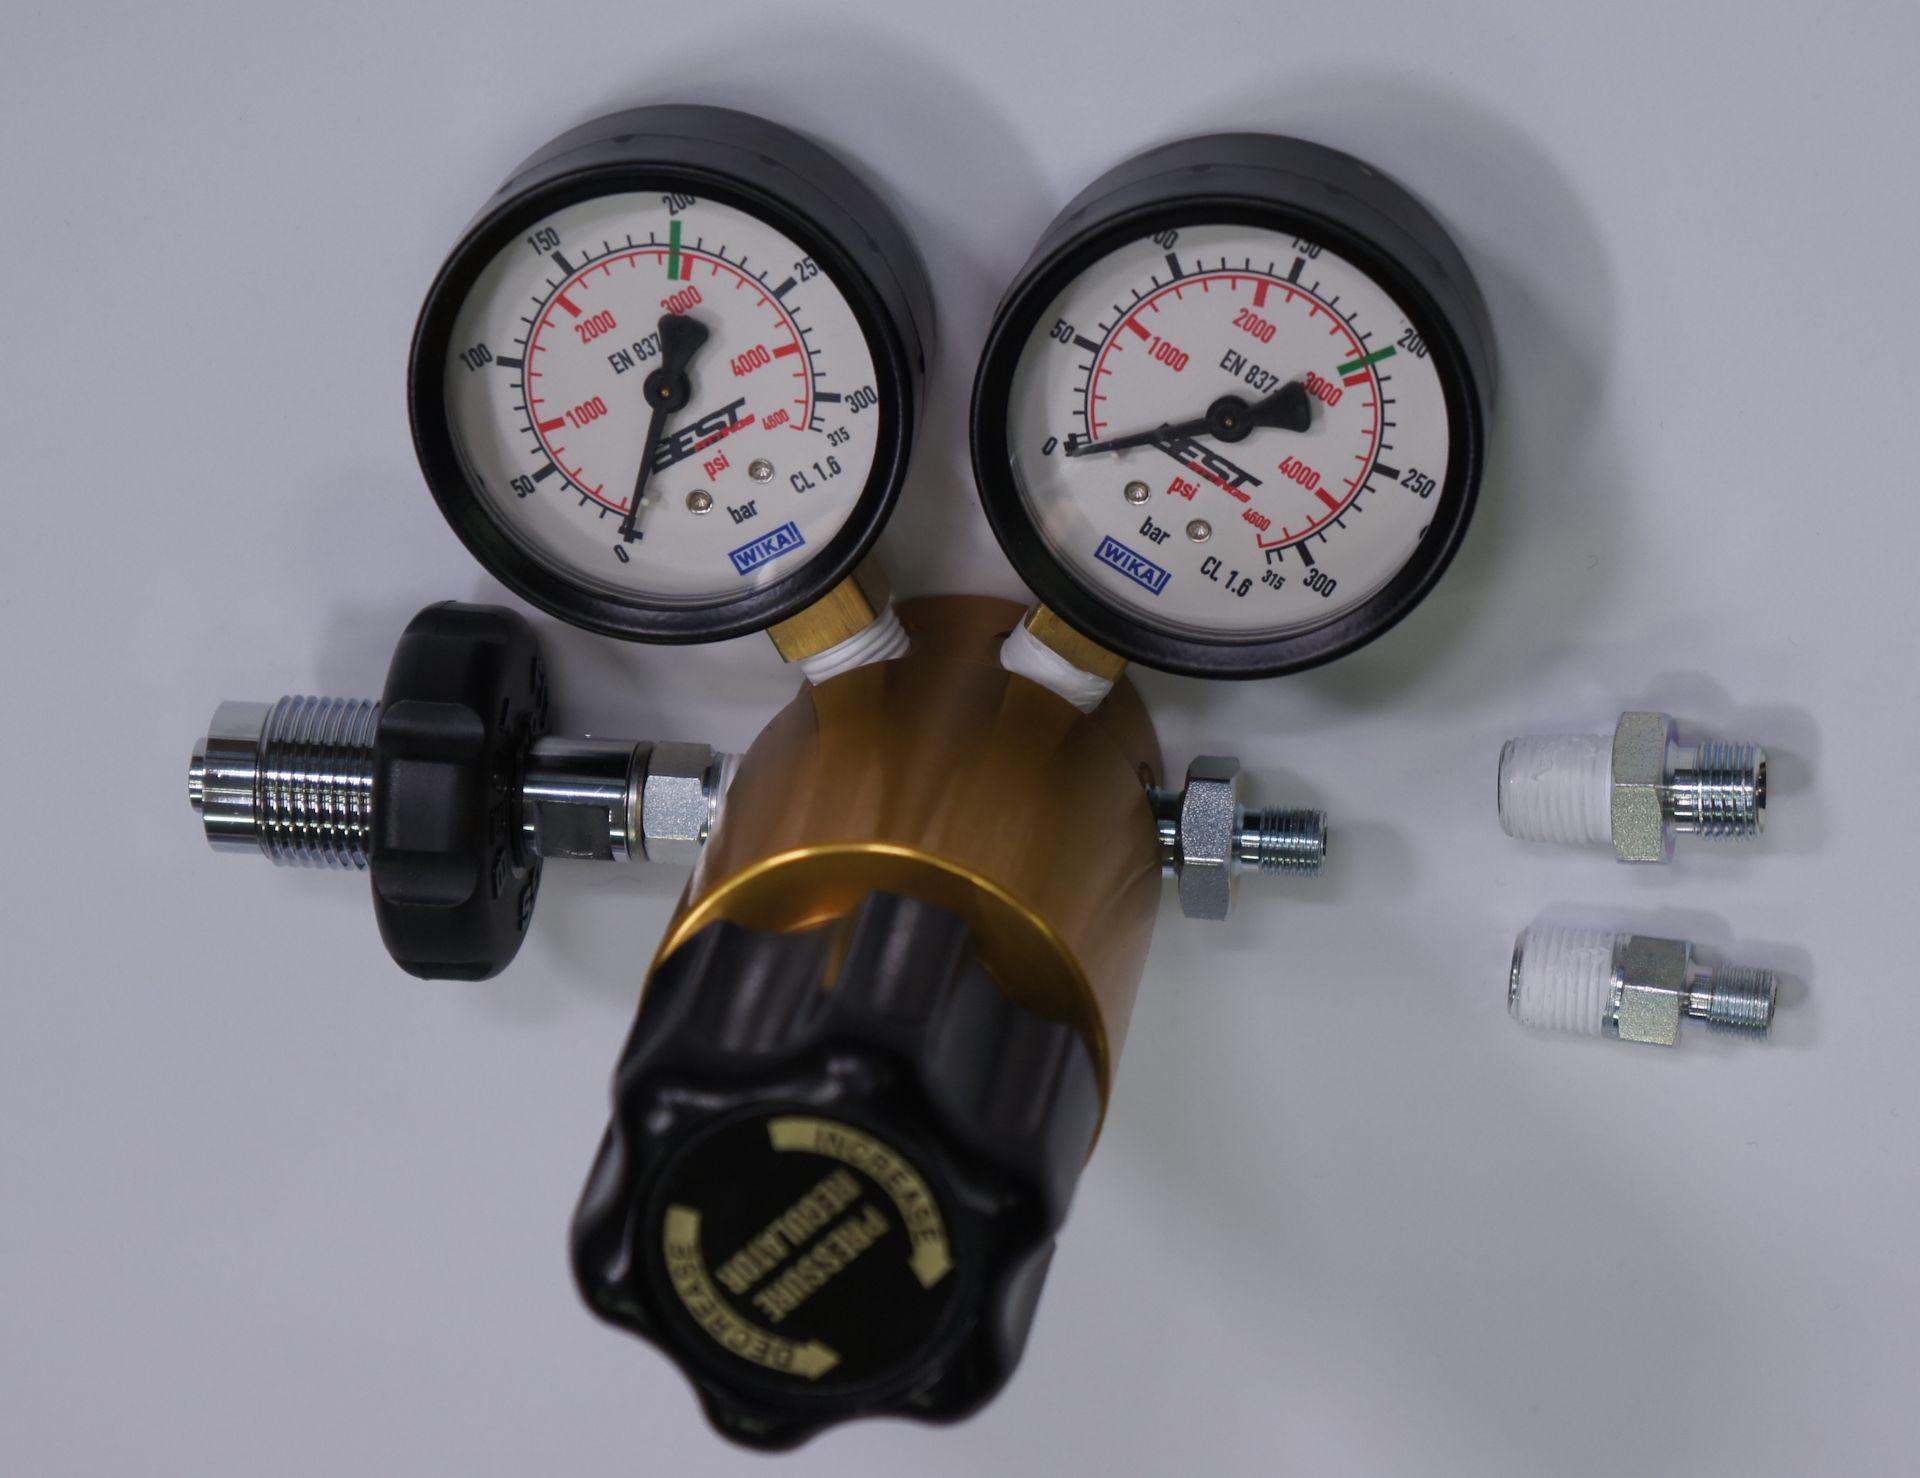 Für die Ausgangsseite vom  verstellbaren Druckminderer gehören wei verschiedene Anschlussstücke.